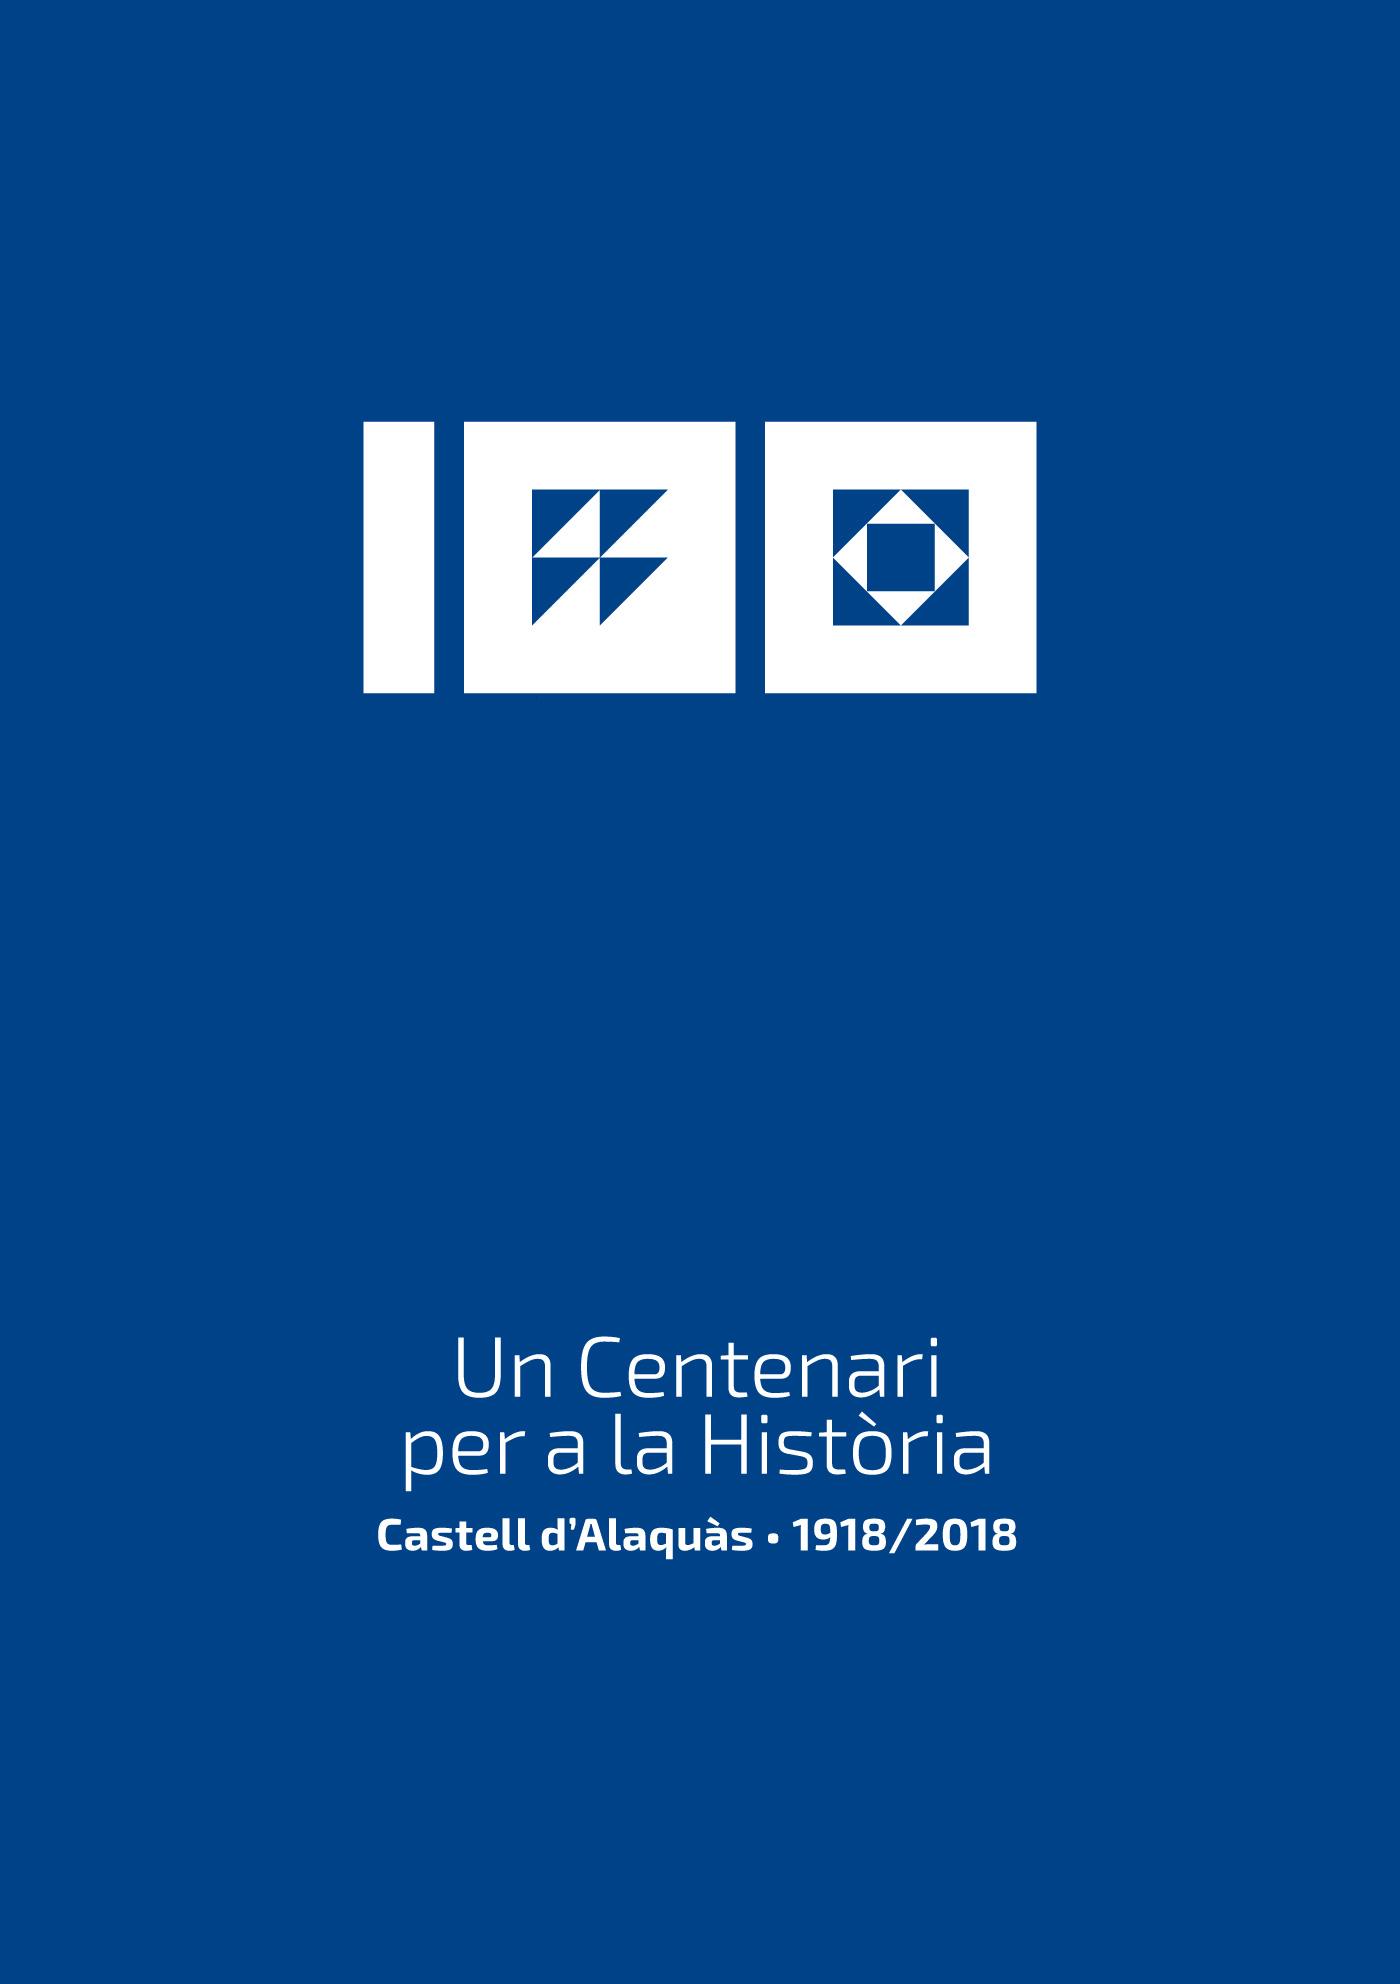 Centenario Castillo de alaquas color azul decoracion azulejos